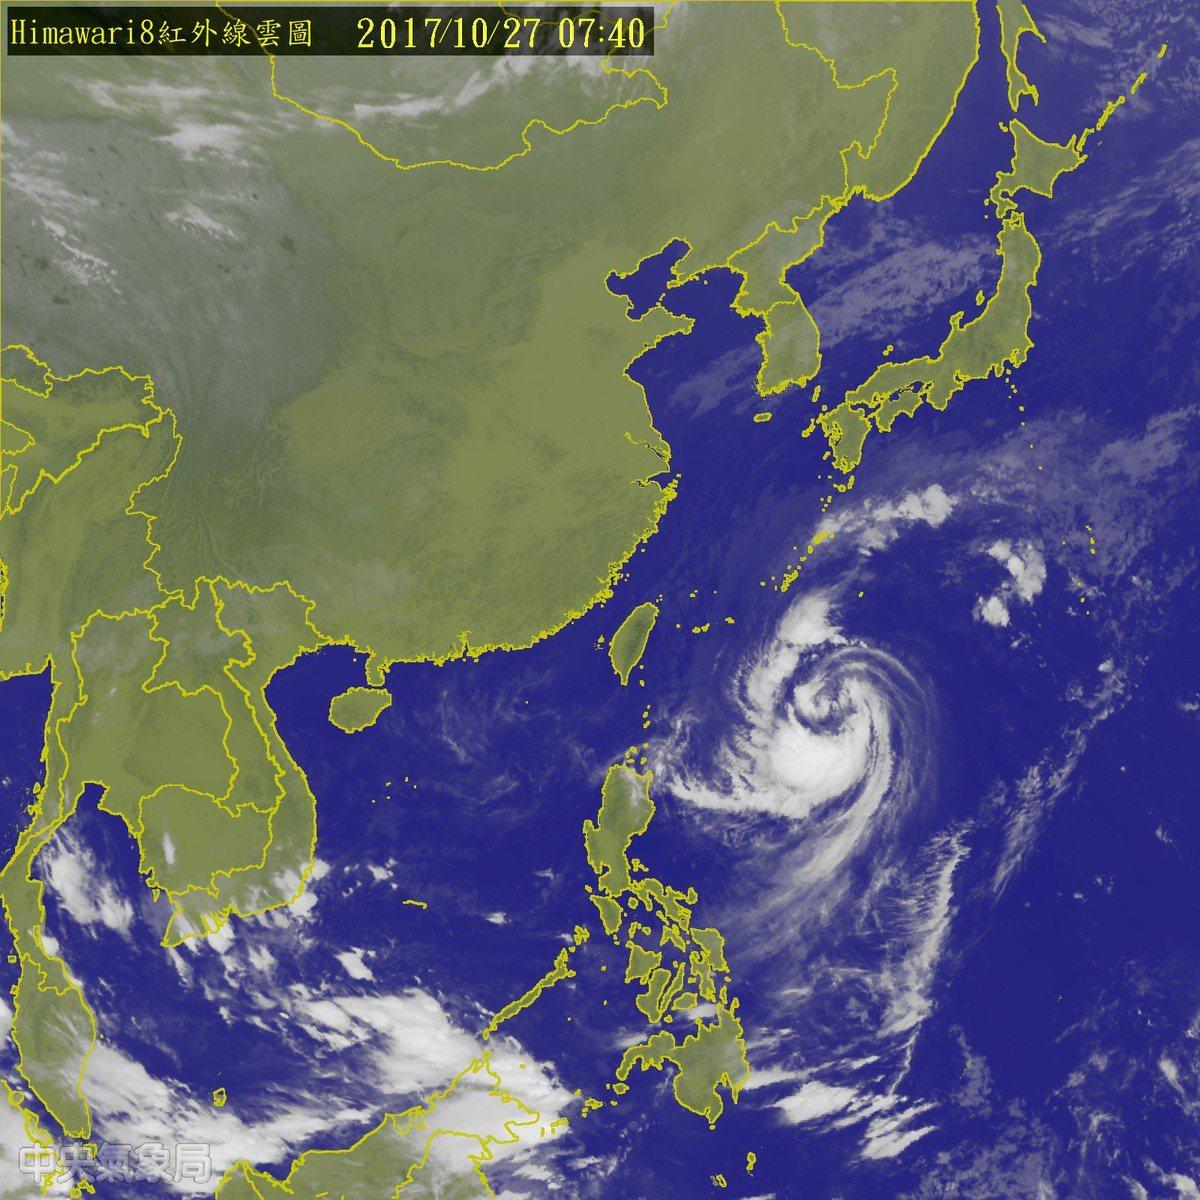 賴忠瑋說,今晚到明天凌晨將是蘇拉颱風最接近台灣的時候,中心距離台灣東海岸將可能只...